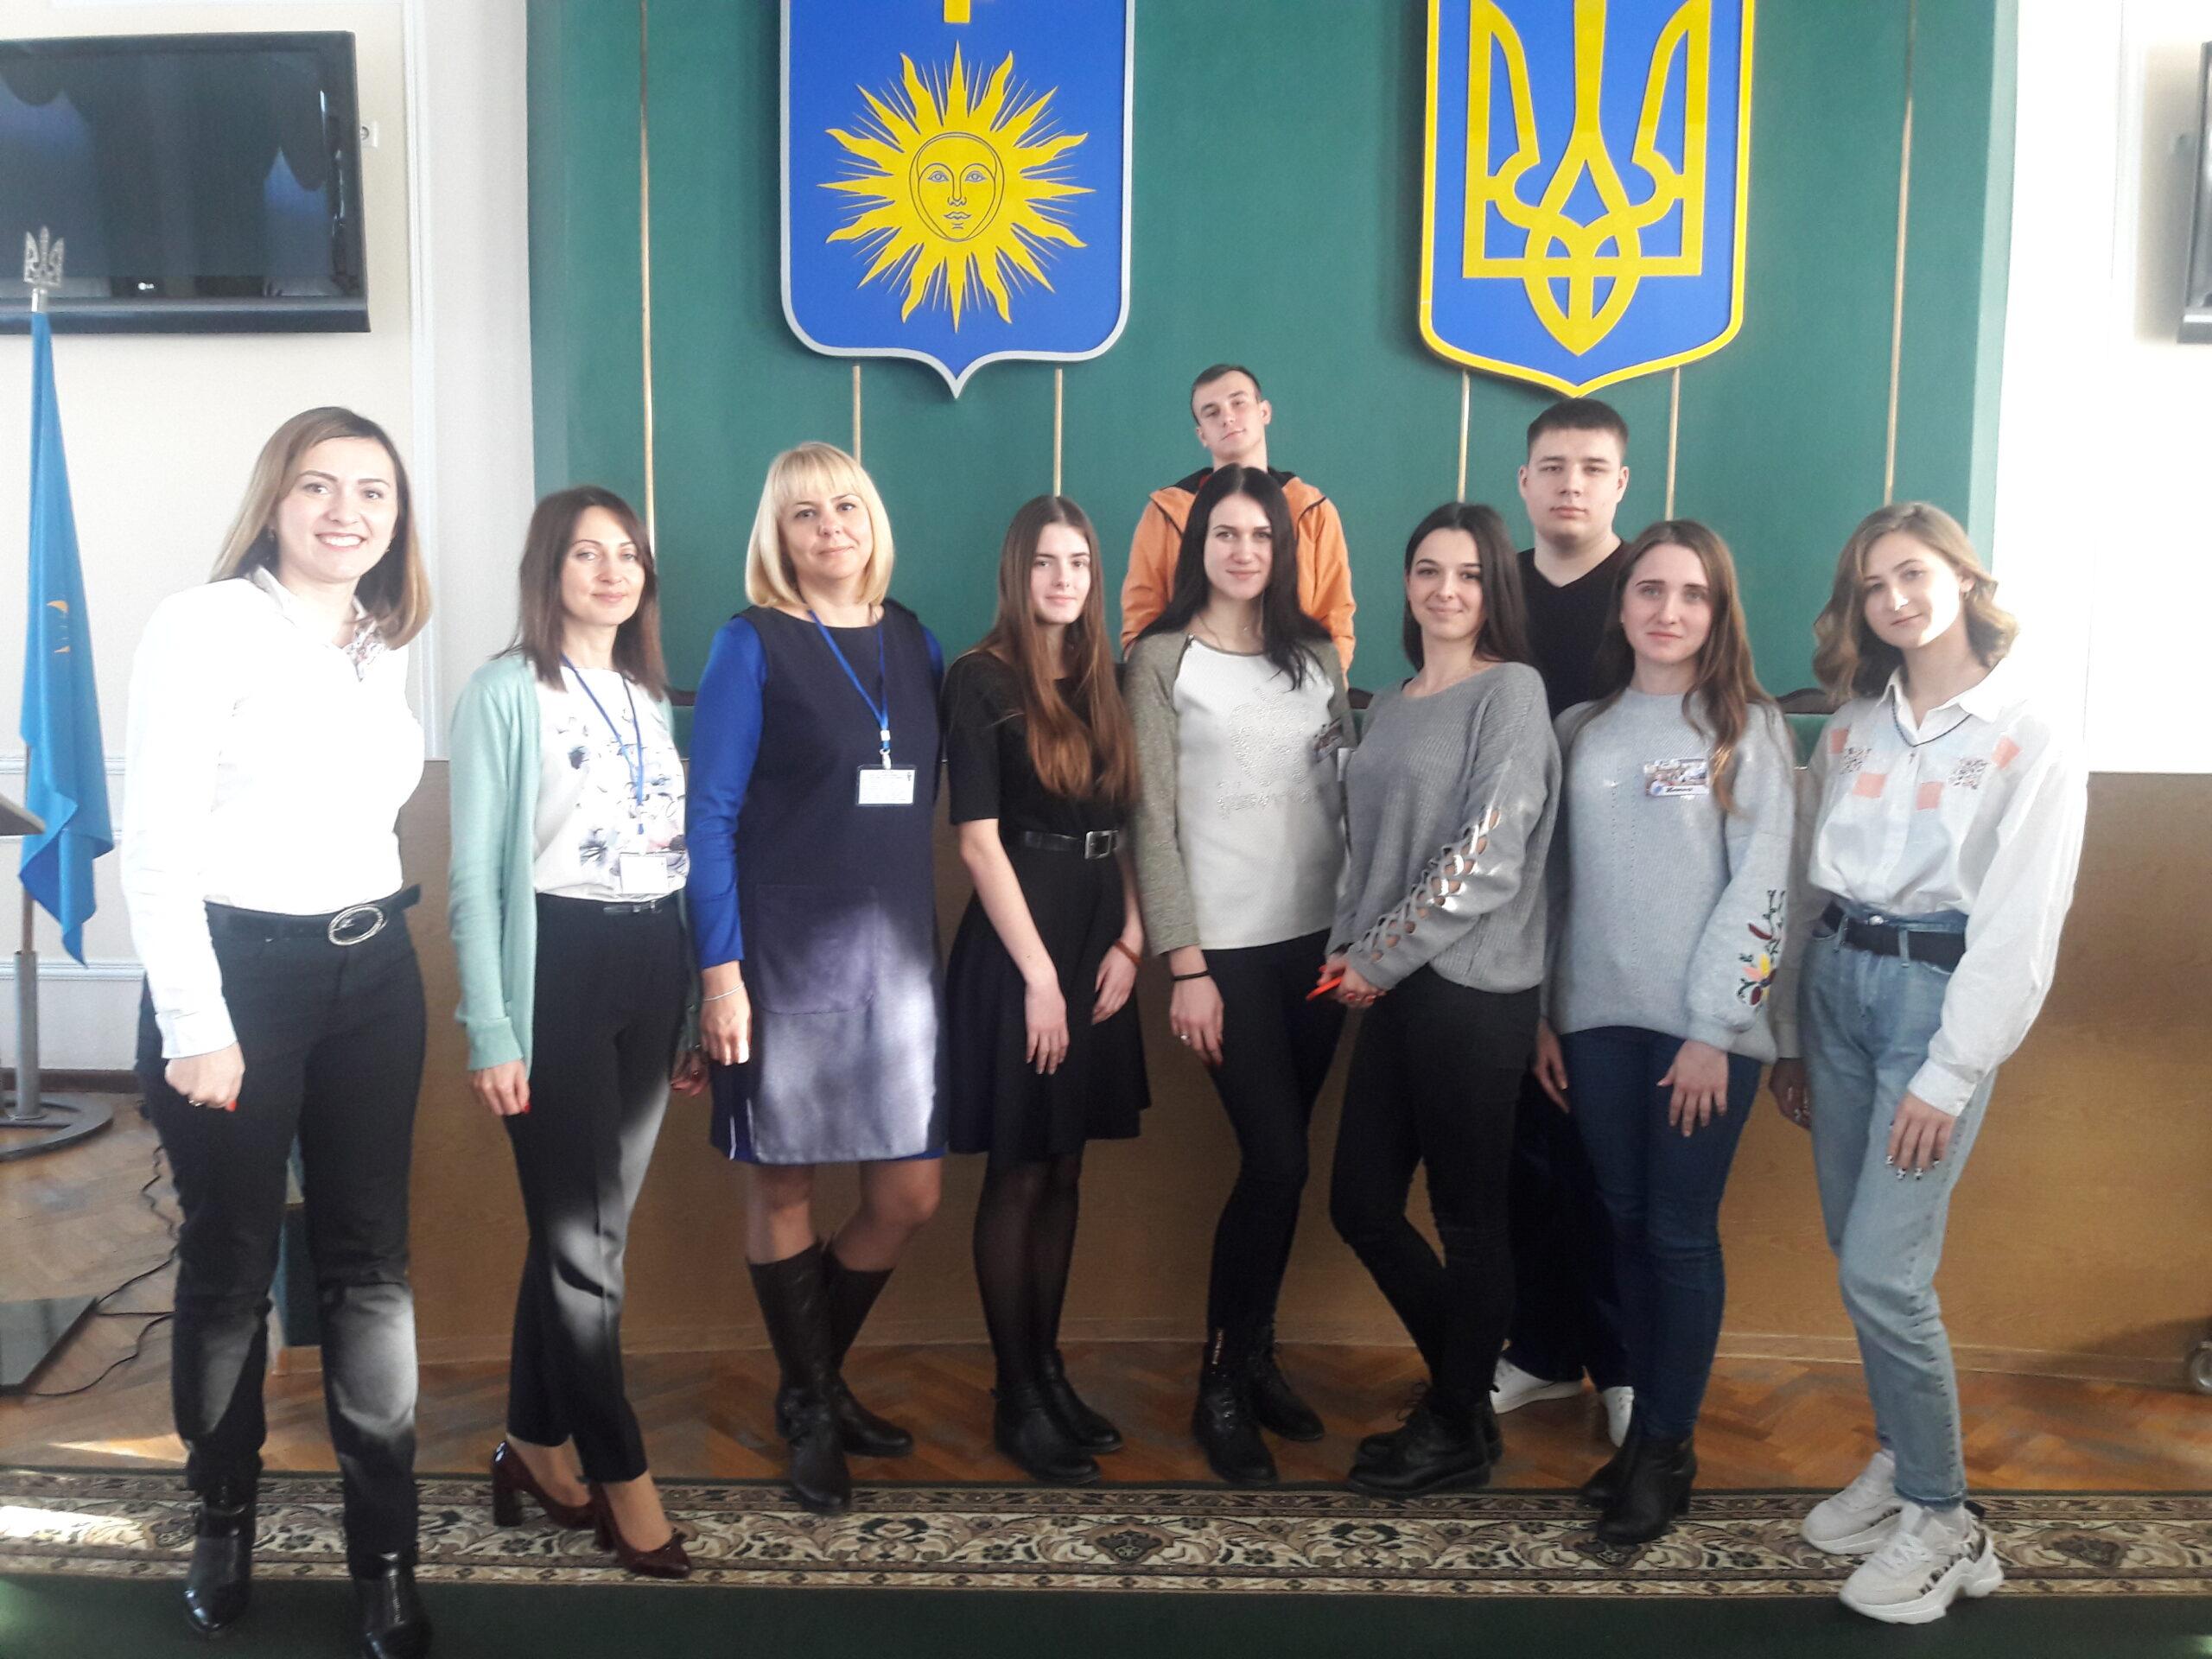 Участь студентів-економістів у семінарі в рамках грантової коучингової програми Кам'янця-Подільського